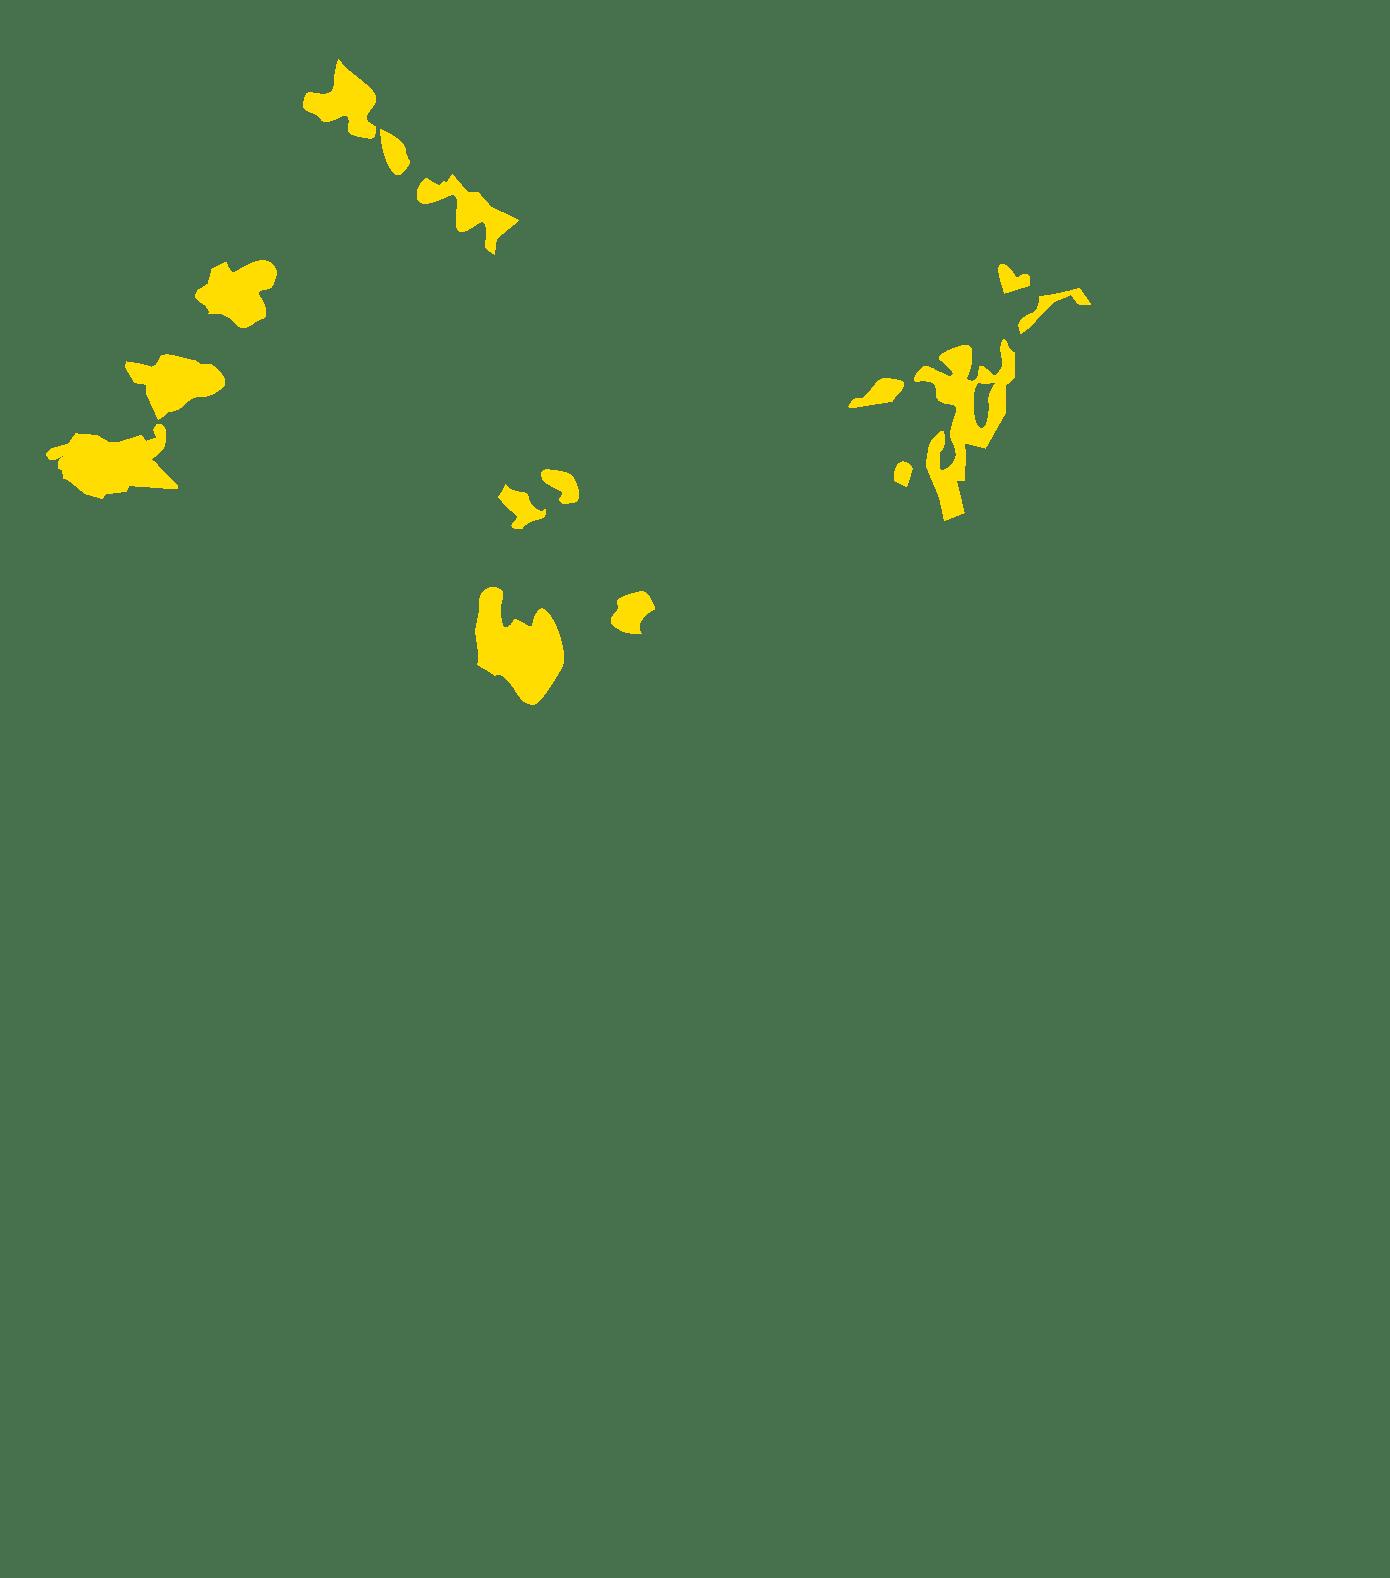 densité de population faible